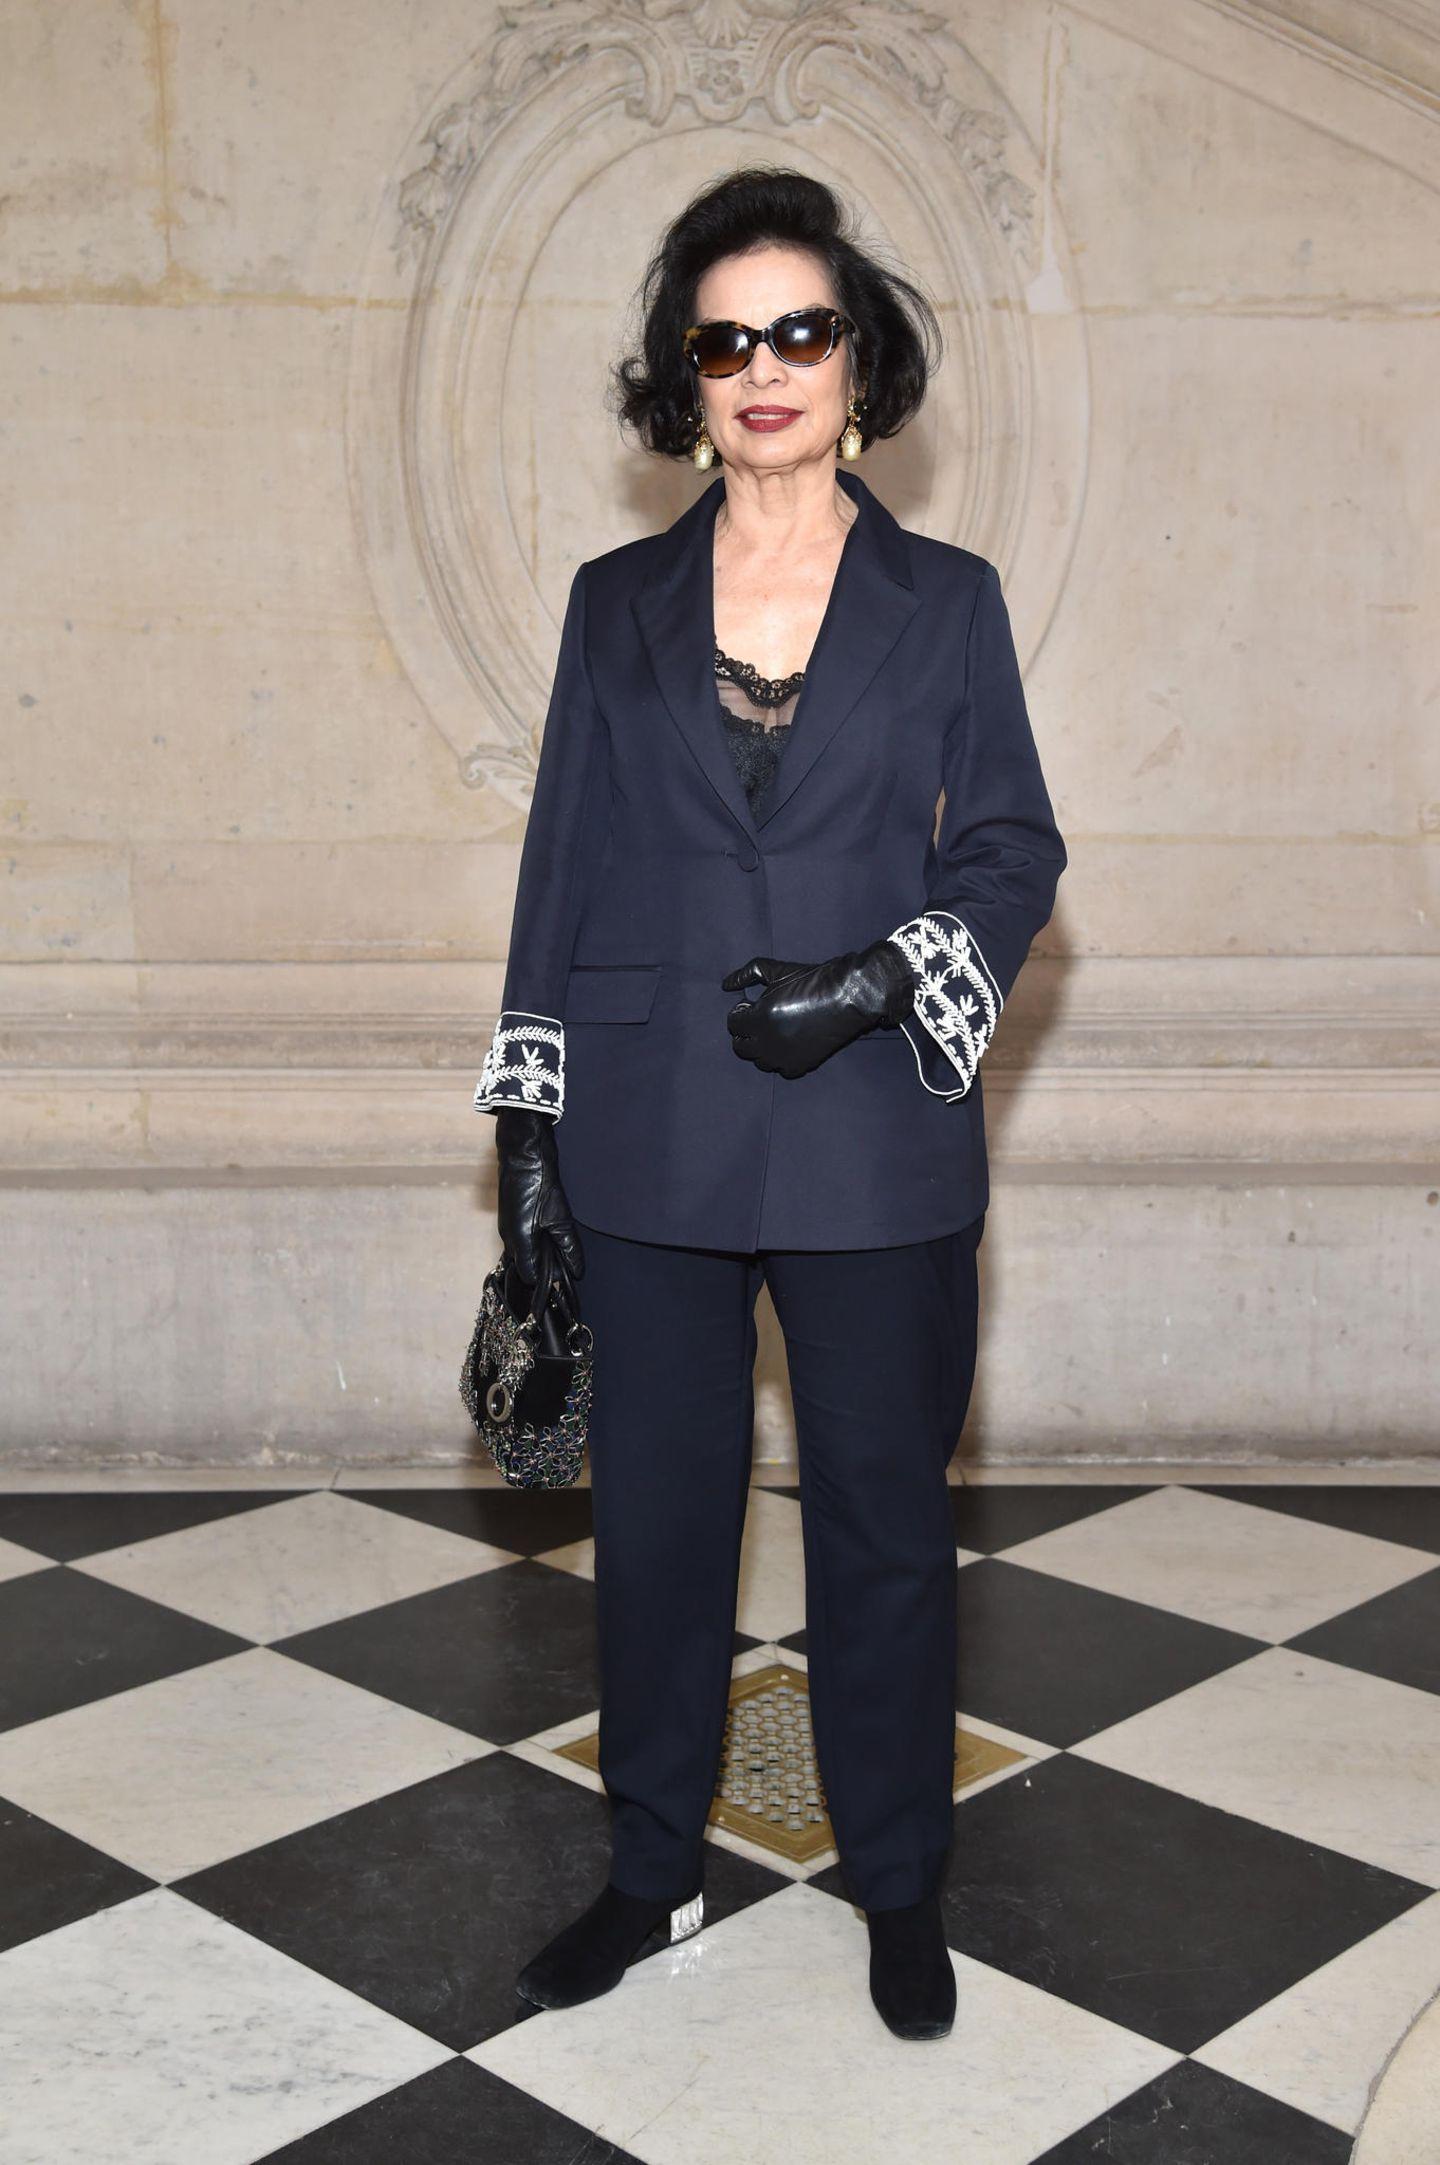 """Gern gesehener Gast: Bianca Jagger erschien 2017 zur Haute Couture-Show von Dior in Paris. In der Hand trägt sie eine auffällig gemusterte """"Lady Dior""""."""